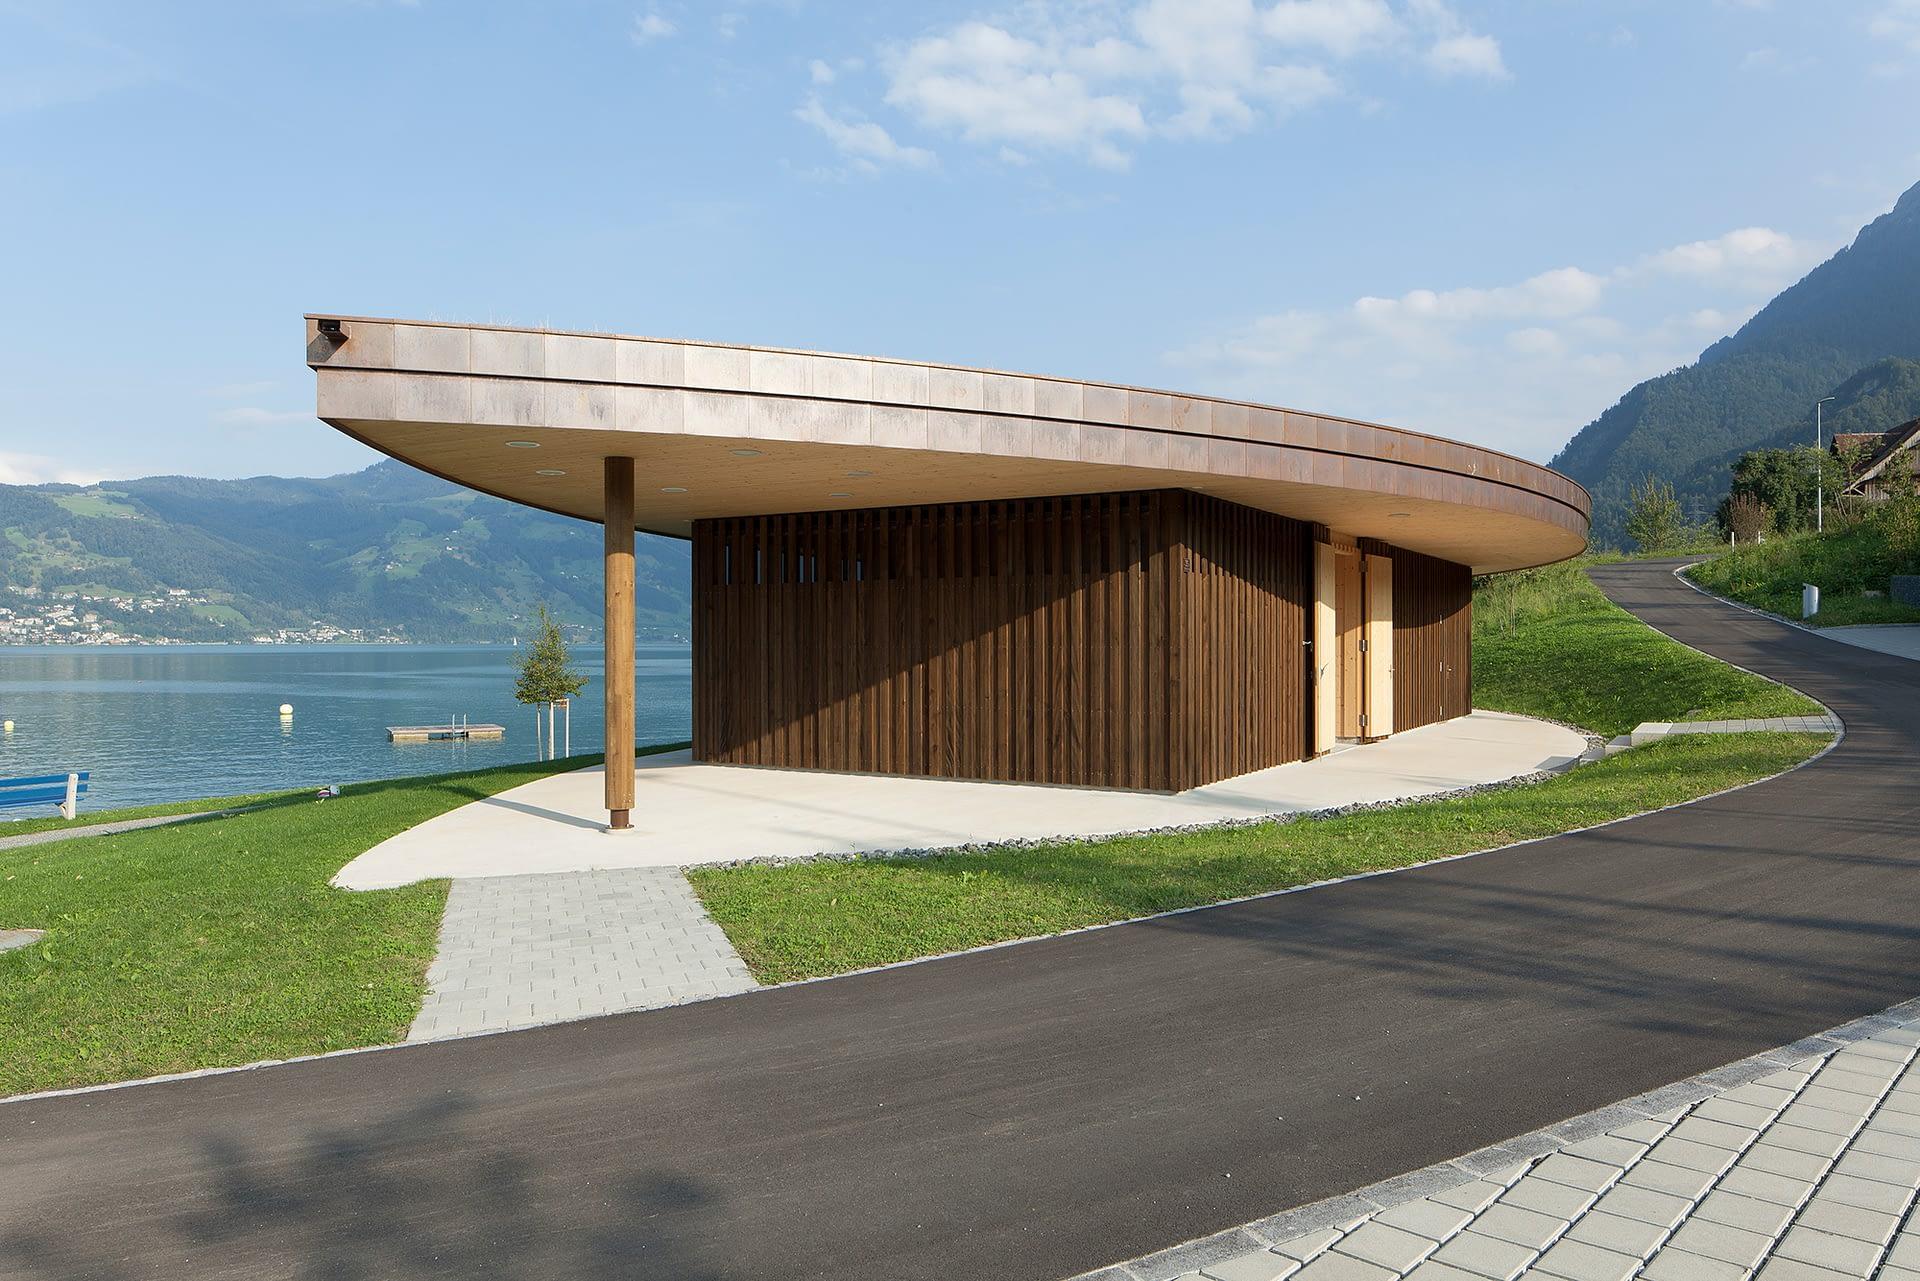 6405 Immensee Neubau hwp Architekten Freizeitanlage